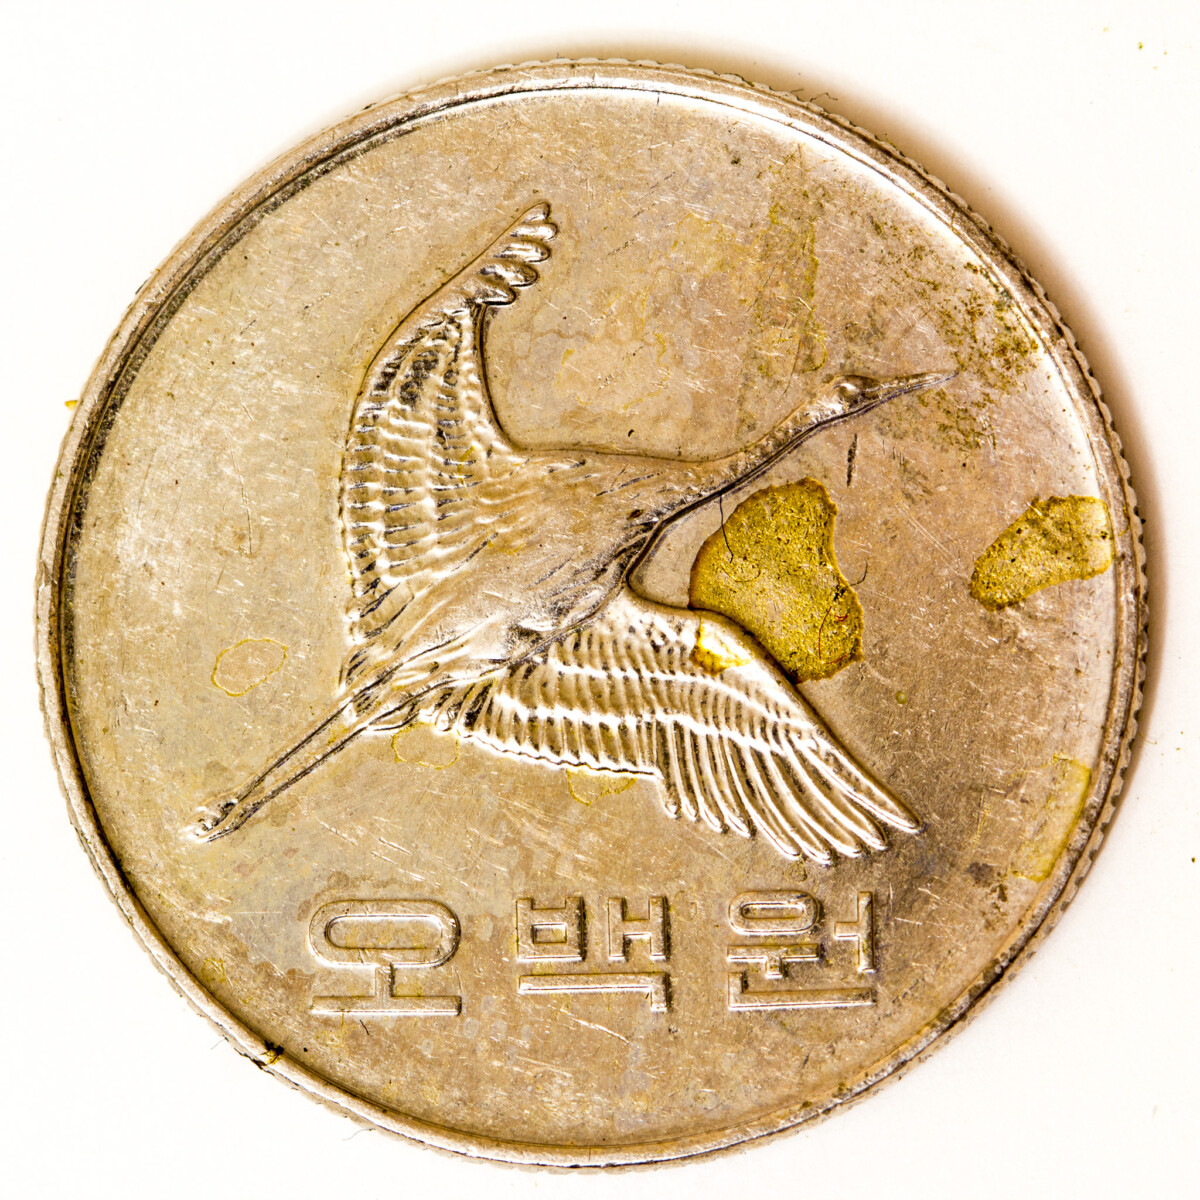 500 Won Coin